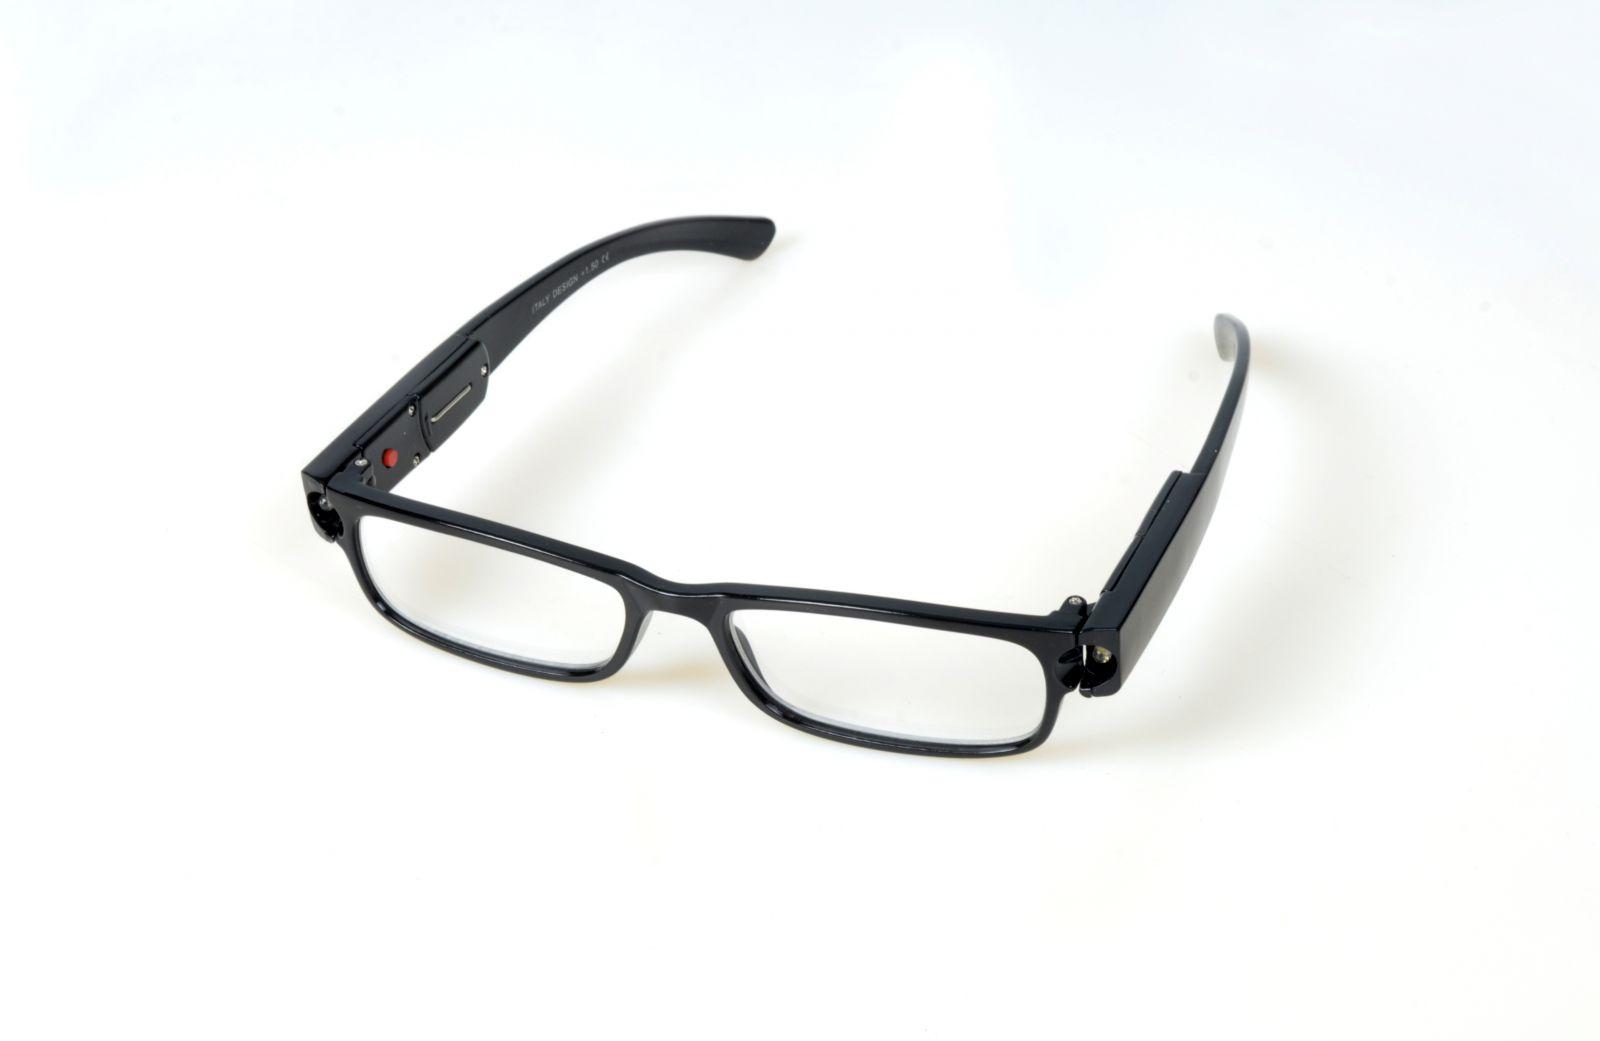 Dioptrické brýle se světýlkama +2,50 černé obruby E-batoh